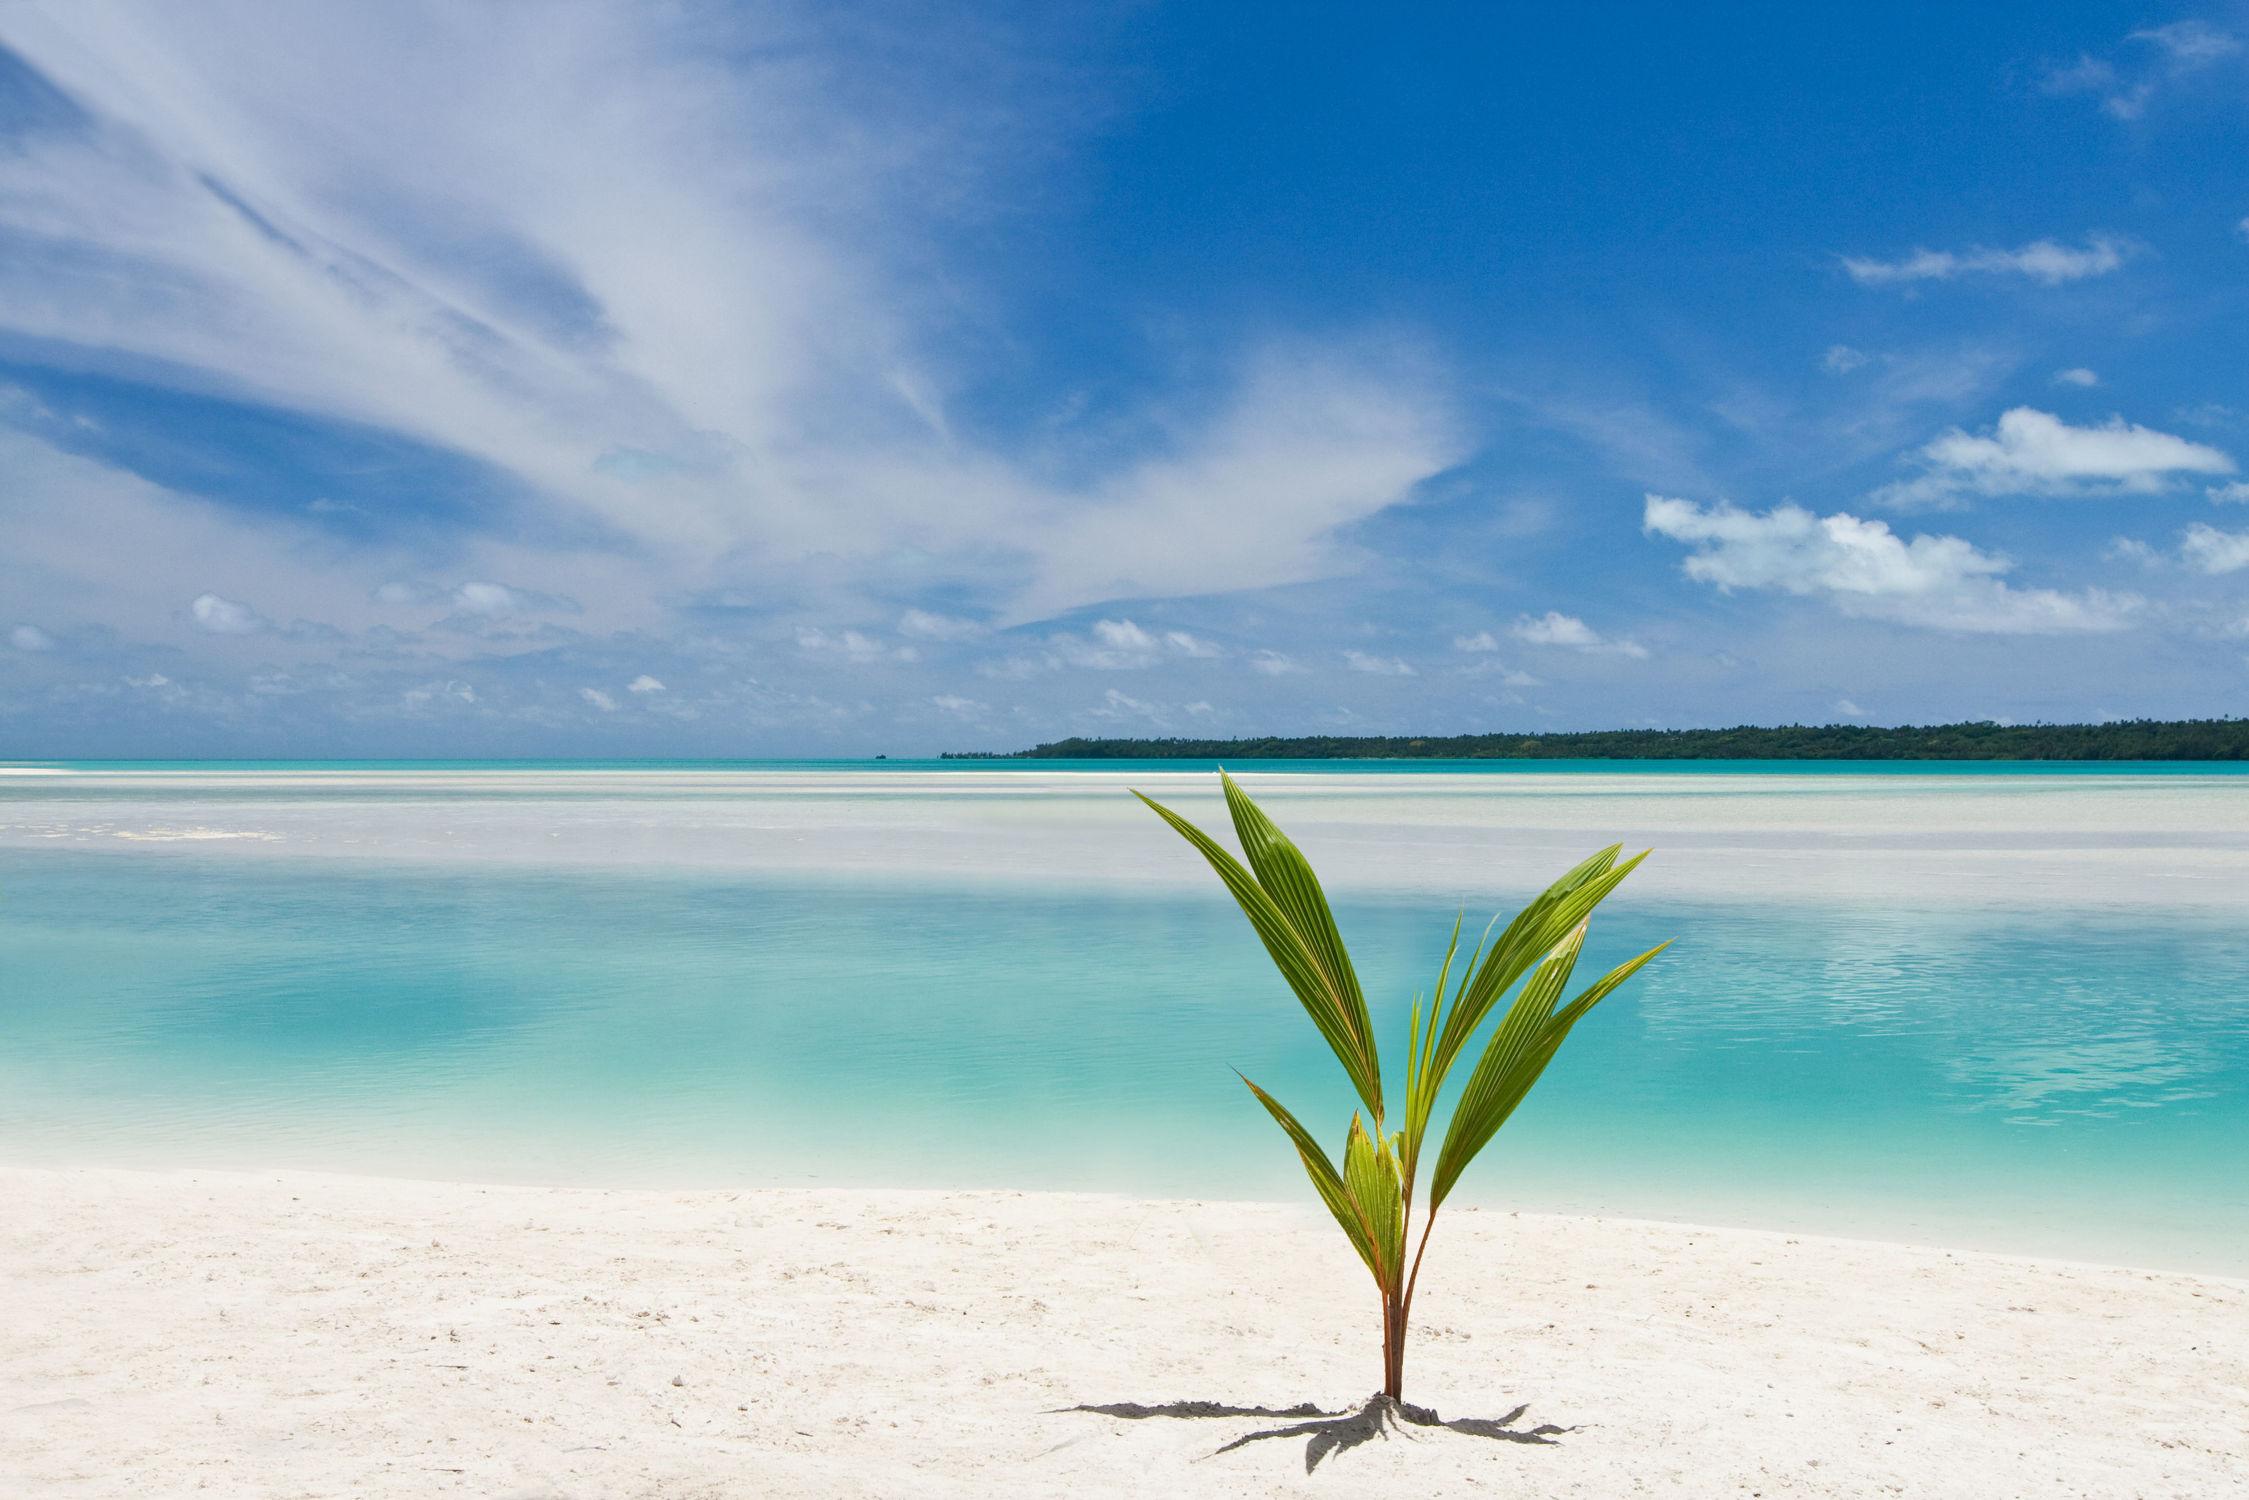 Bild mit Wasser, Gewässer, Strände, Strand, Meer, Südsee, ozean